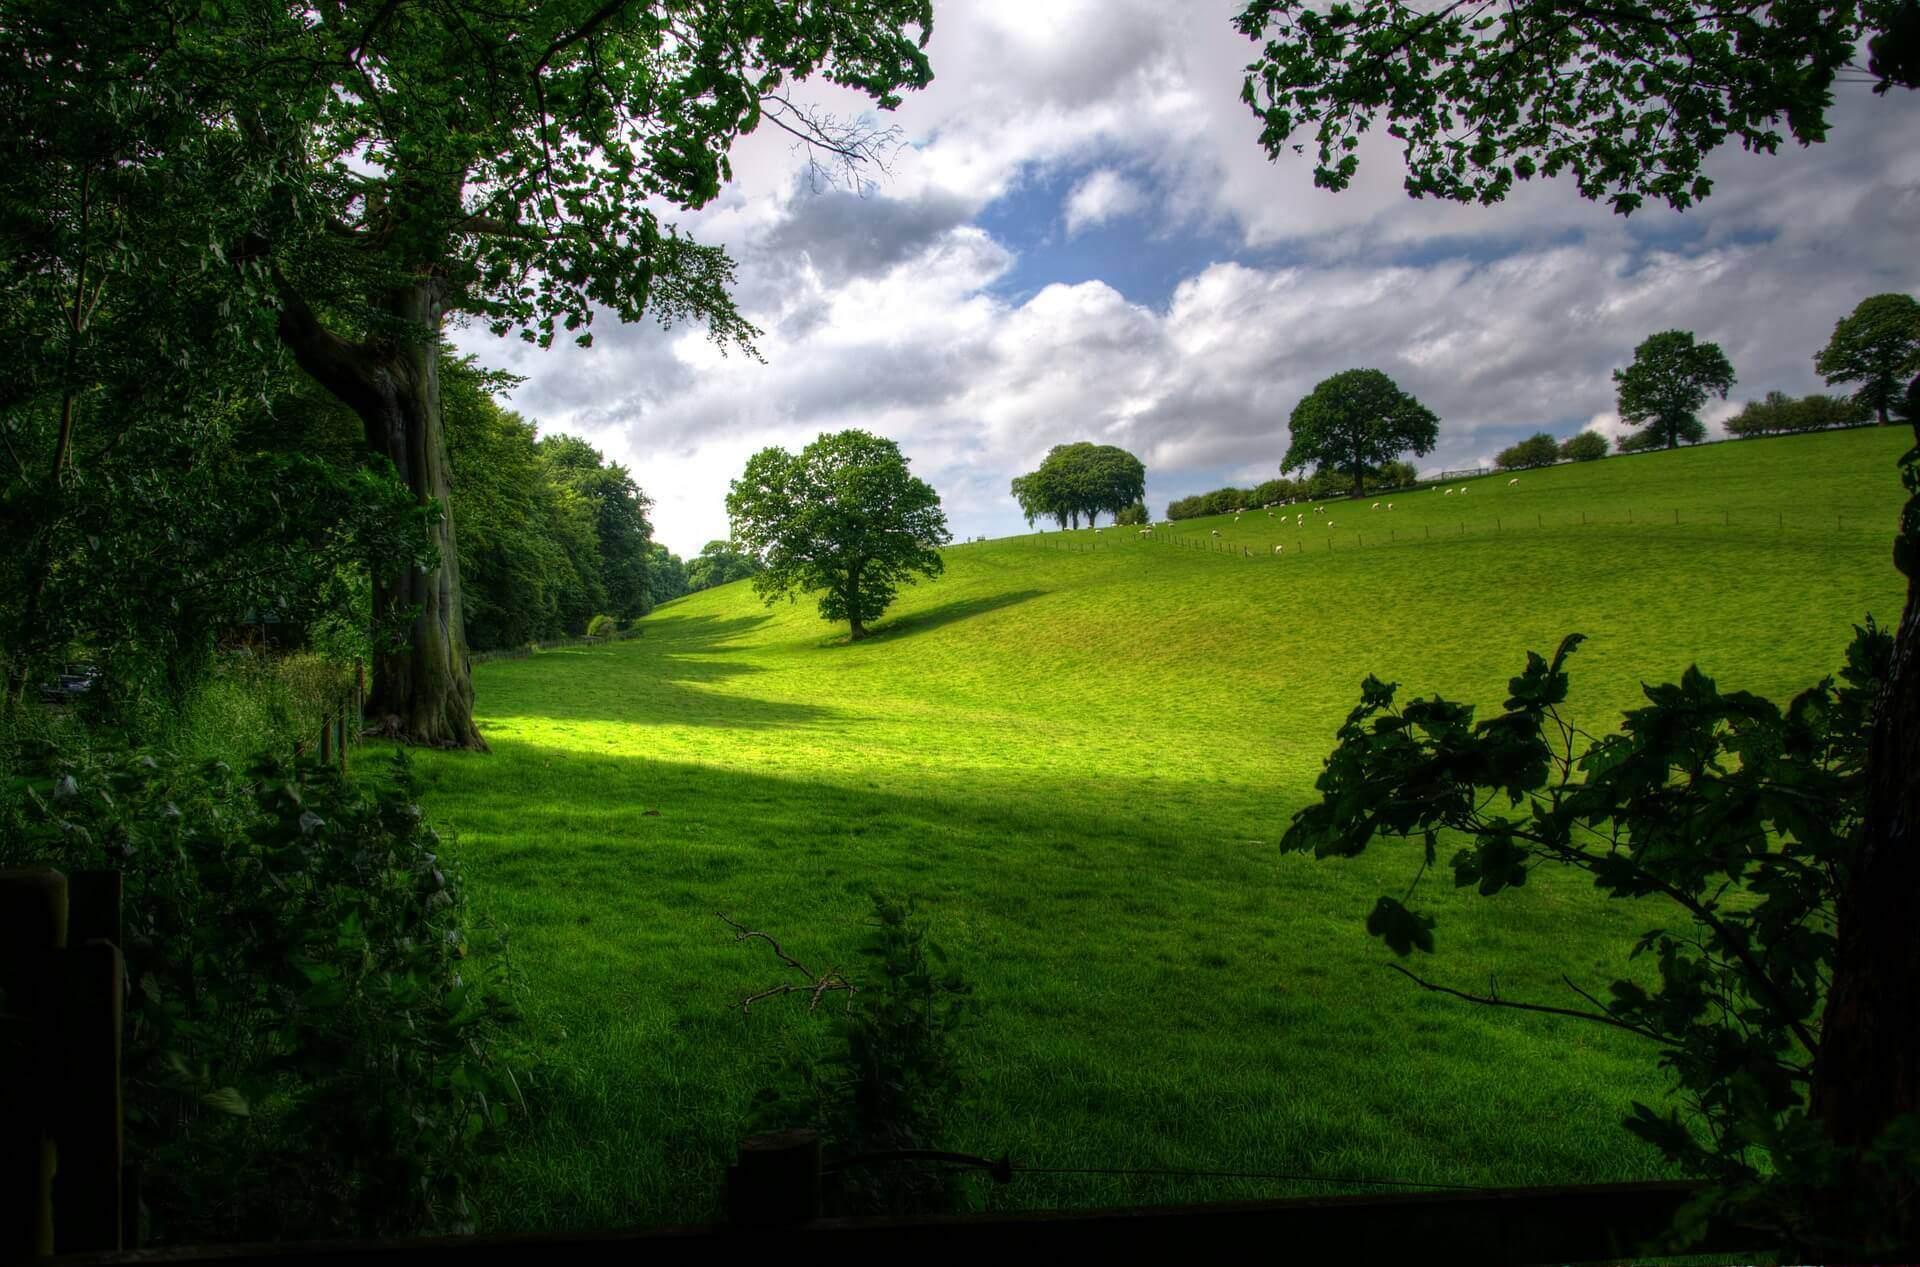 landscape-403165_1920